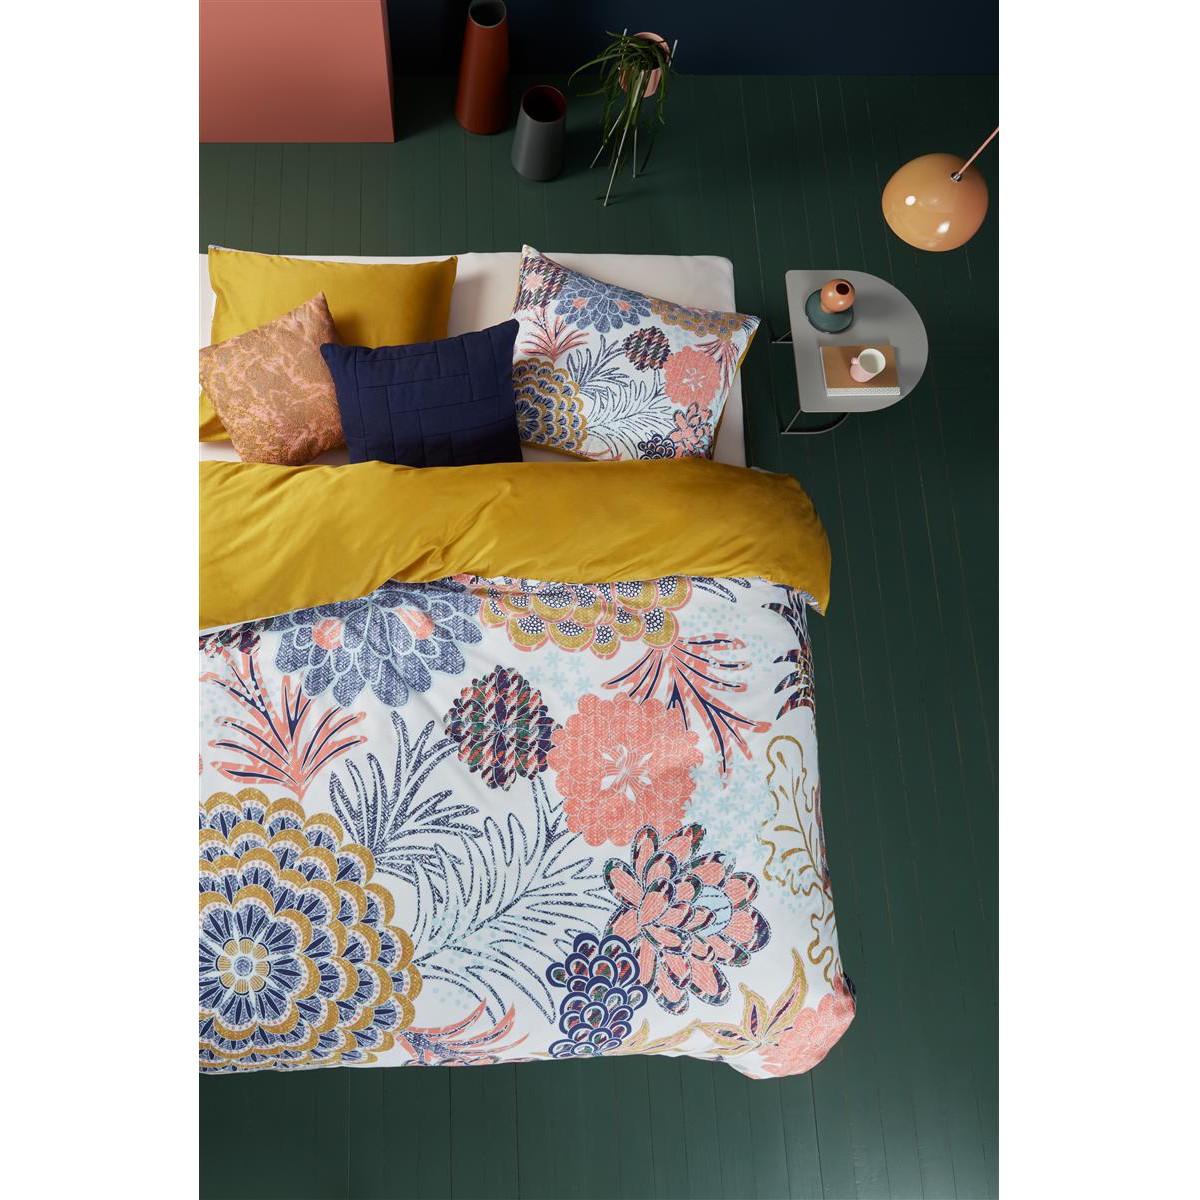 OILILY Mako-Satin-Bettwäsche Layered Bloom 155x220 cm (BxT) Baumwollstoff Mehrfarbig Gestreift